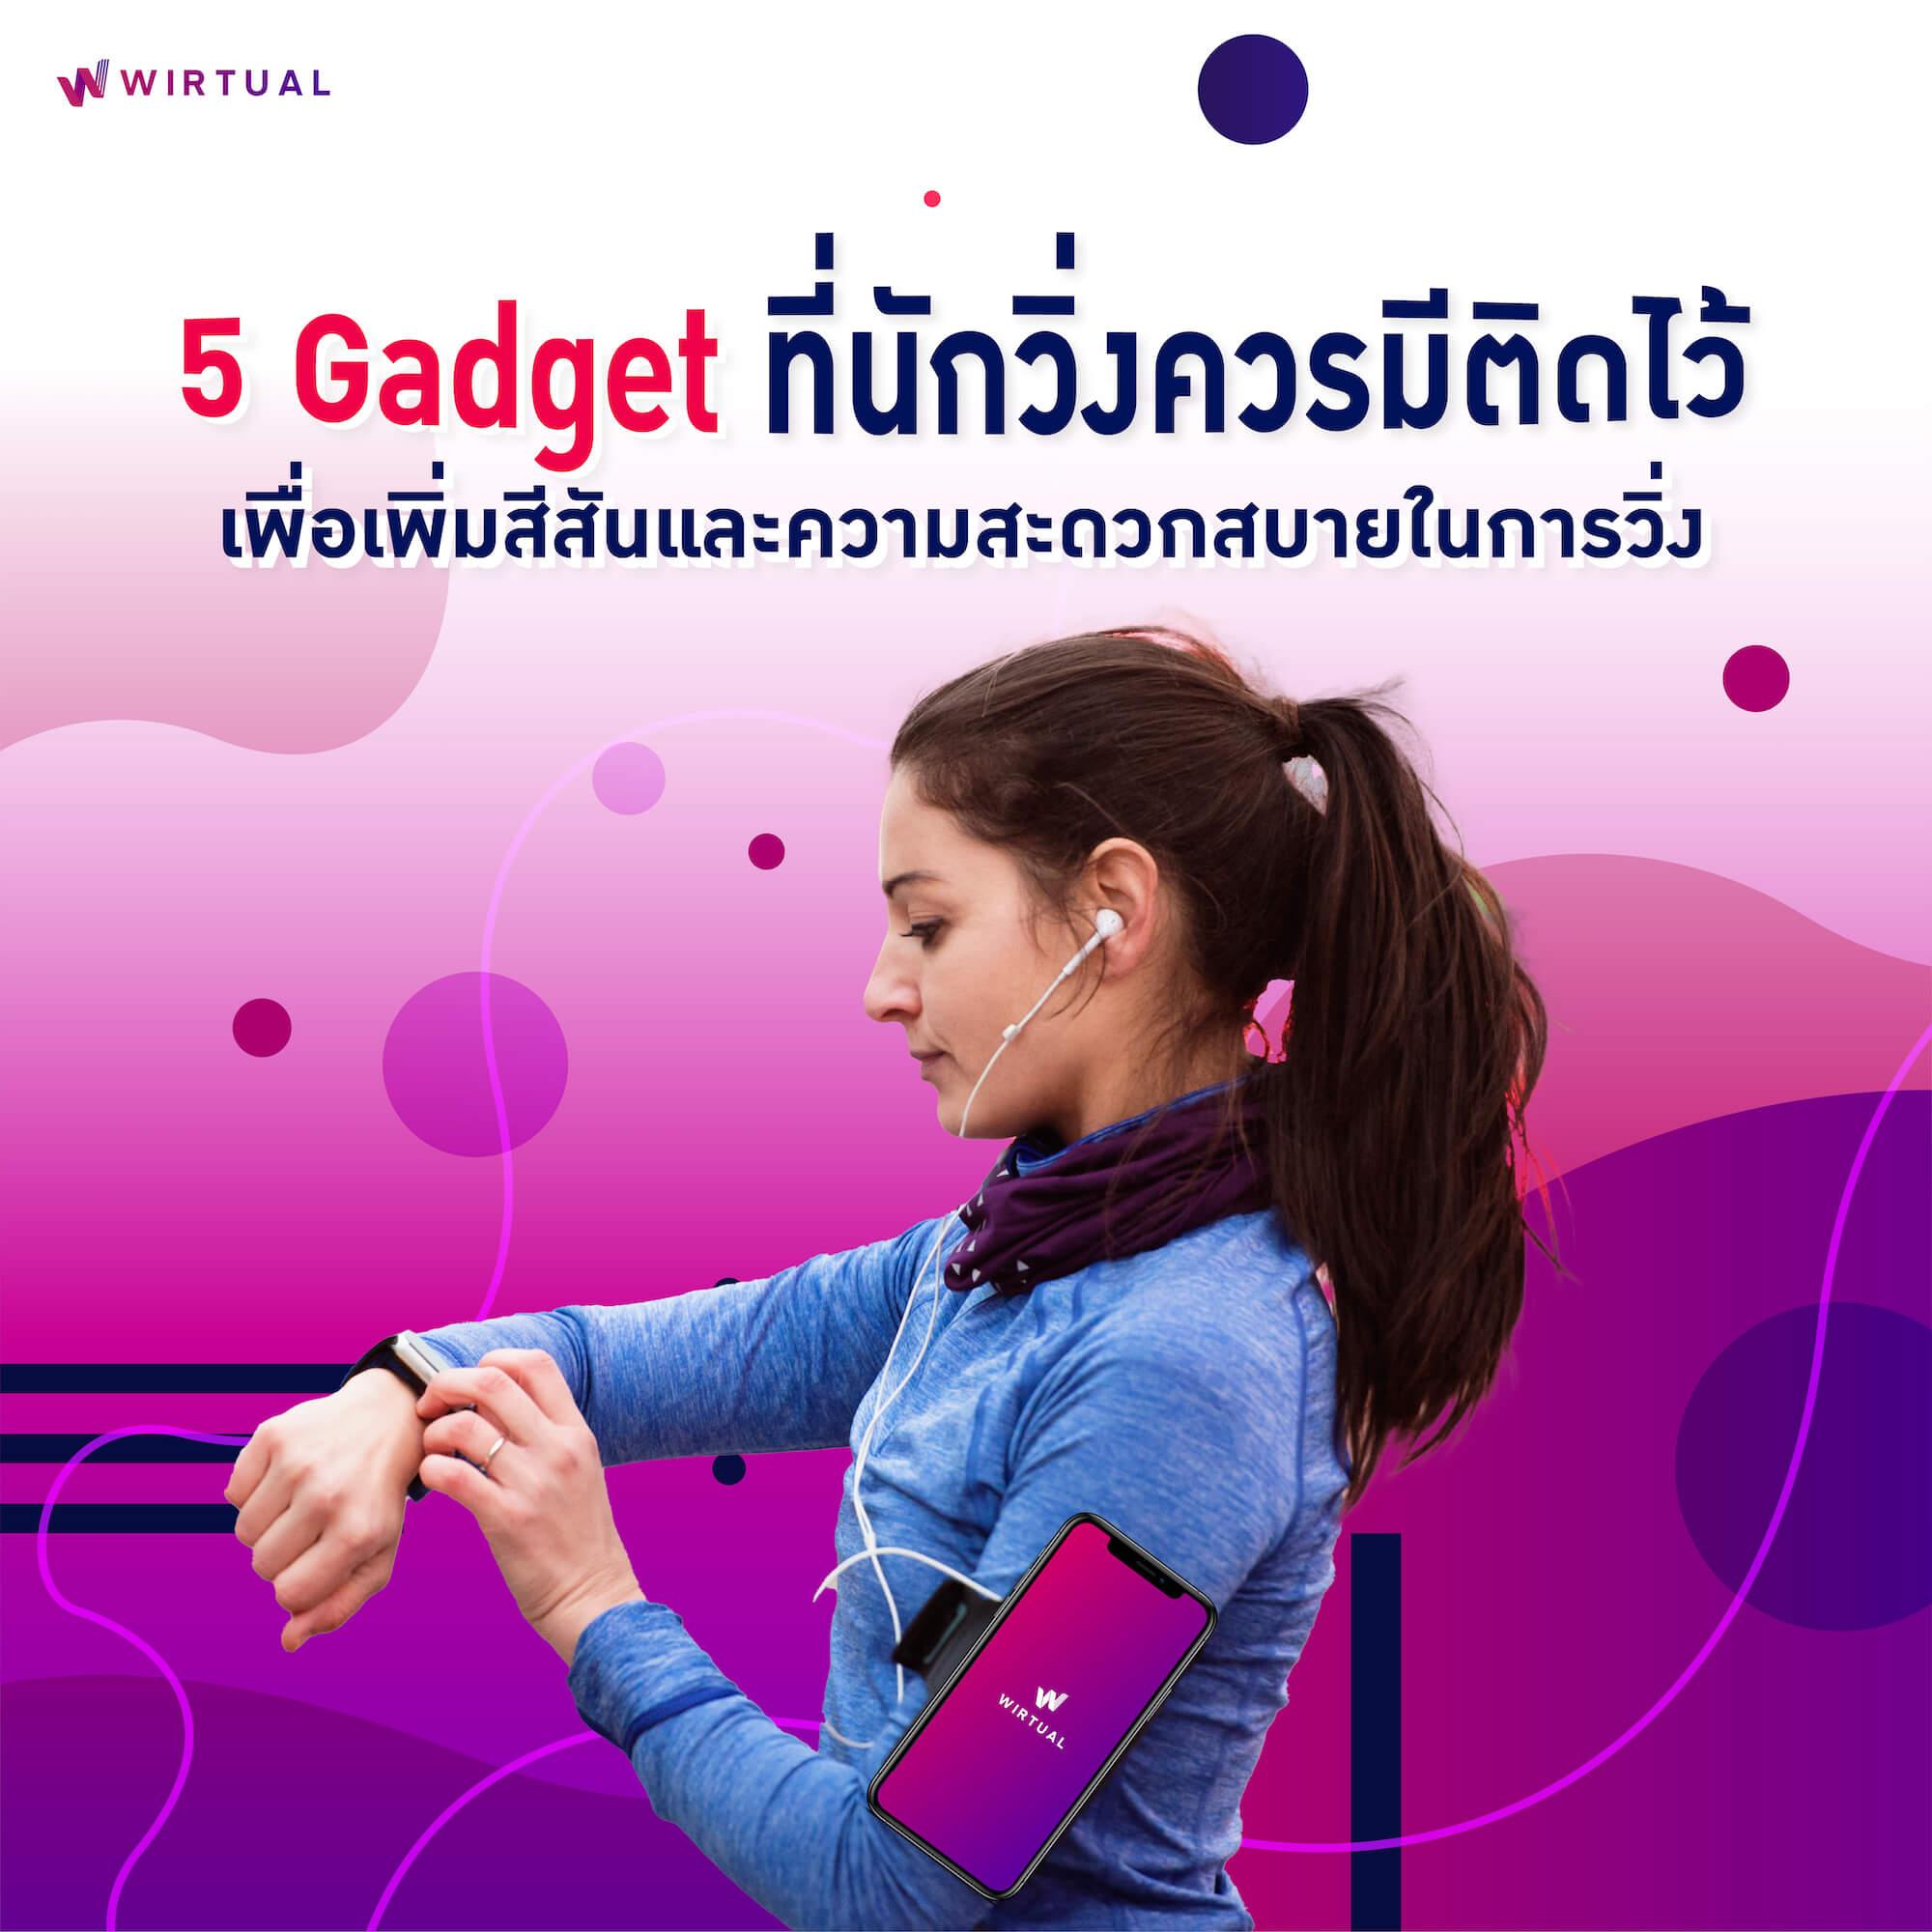 5 Gadget ที่นักวิ่งควรมีติดไว้ เพื่อเพิ่มสีสันและความสะดวกสบายในการวิ่ง